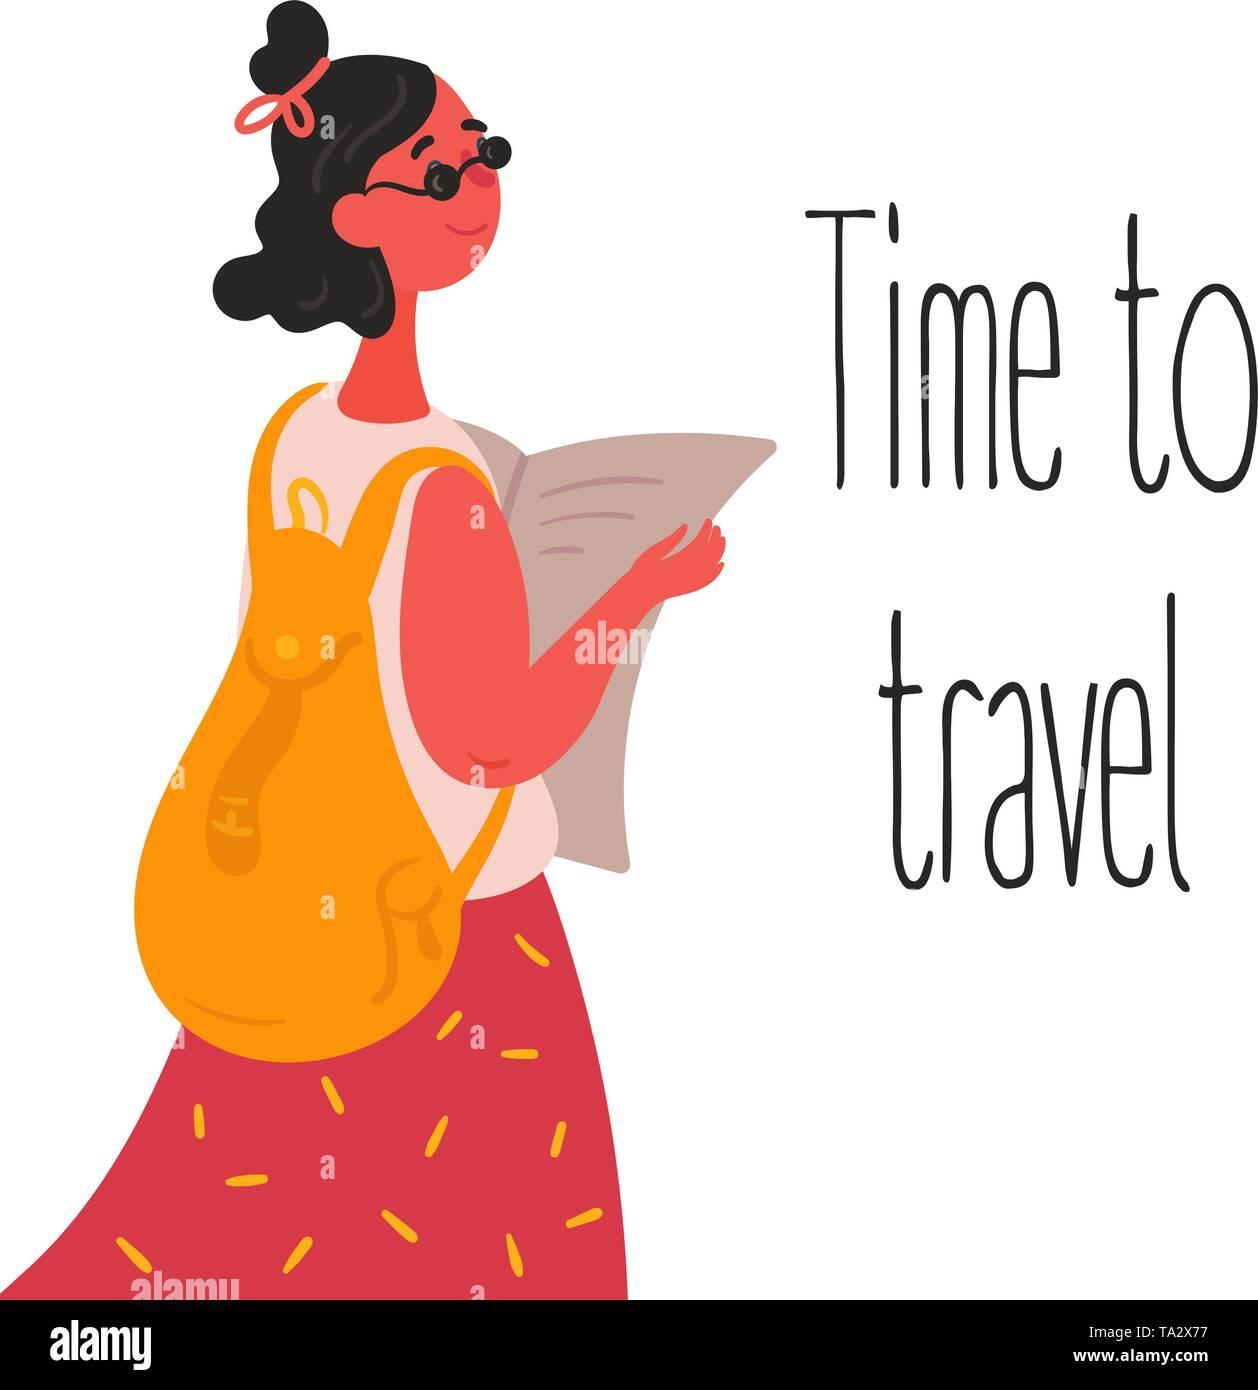 Die Zeit reisen. Touristische hipster Mädchen mit Karte. Junge europäische suchen Frau in Sonnenbrille mit Rucksack, Tasche nimmt Papier Karte und für euro Reise bereit. Stockbild